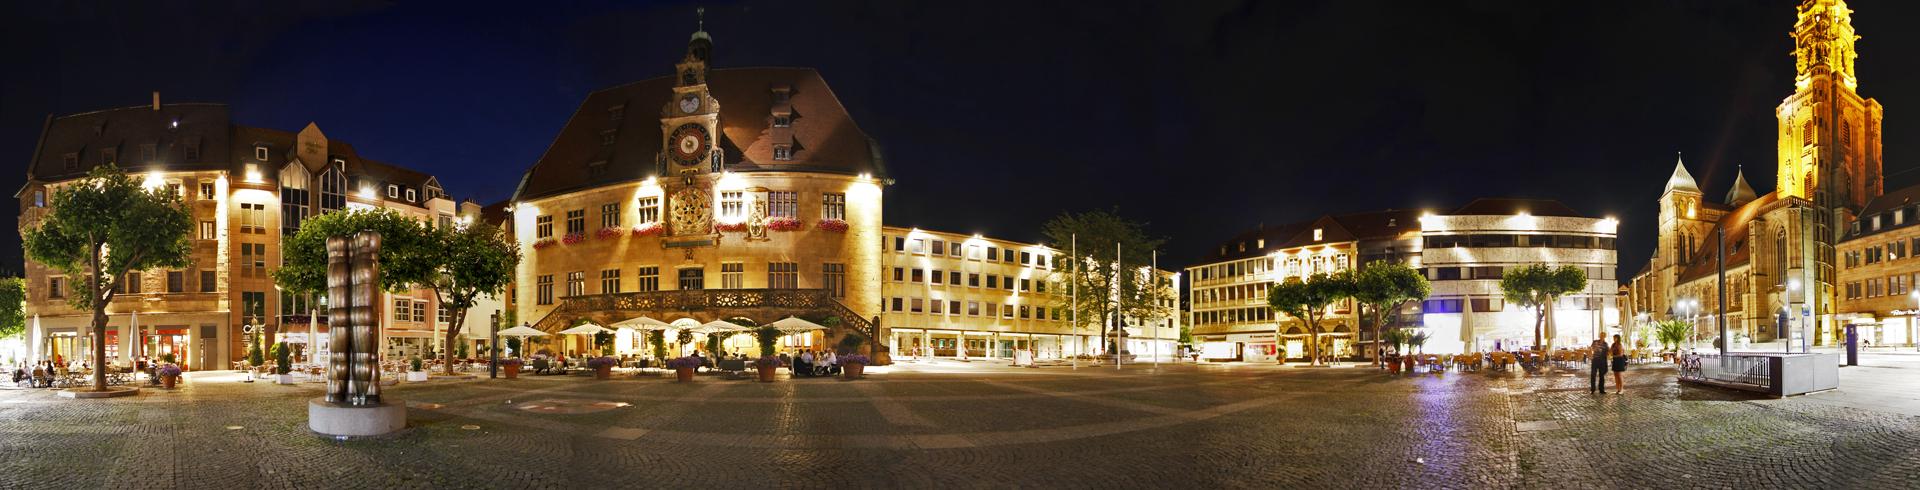 Nachtaufnahme Innenstadt Heilbronn Marktplatz und Rathaus